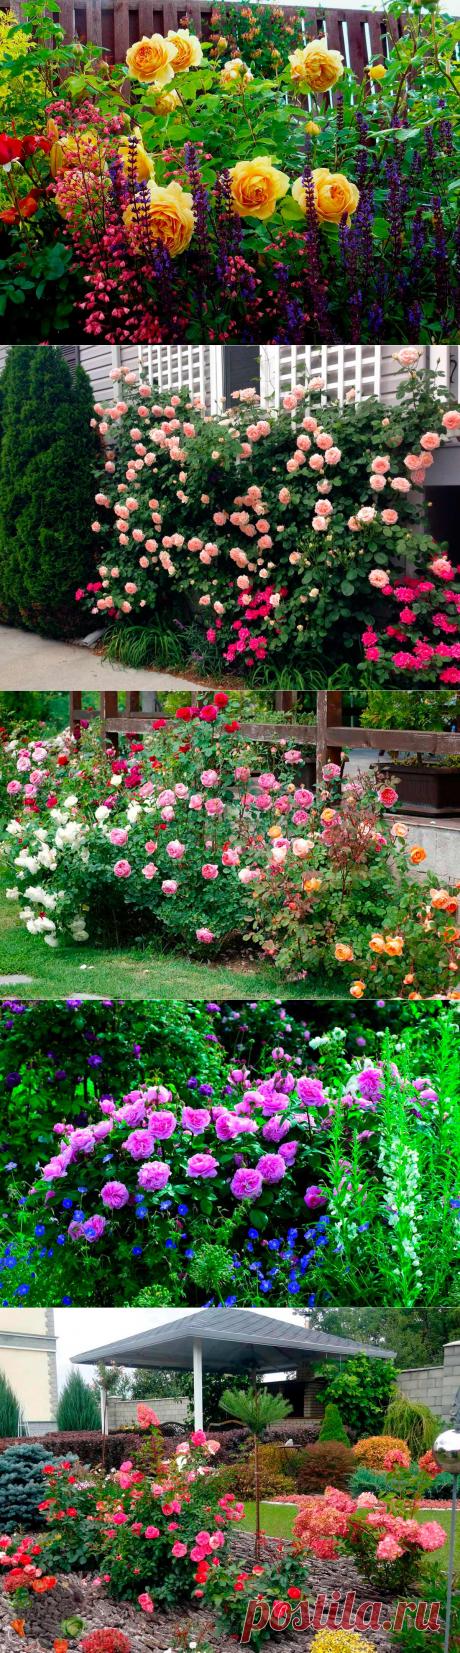 Красивая клумба из цветов розы своими руками. Советы по созданию, фото идеи